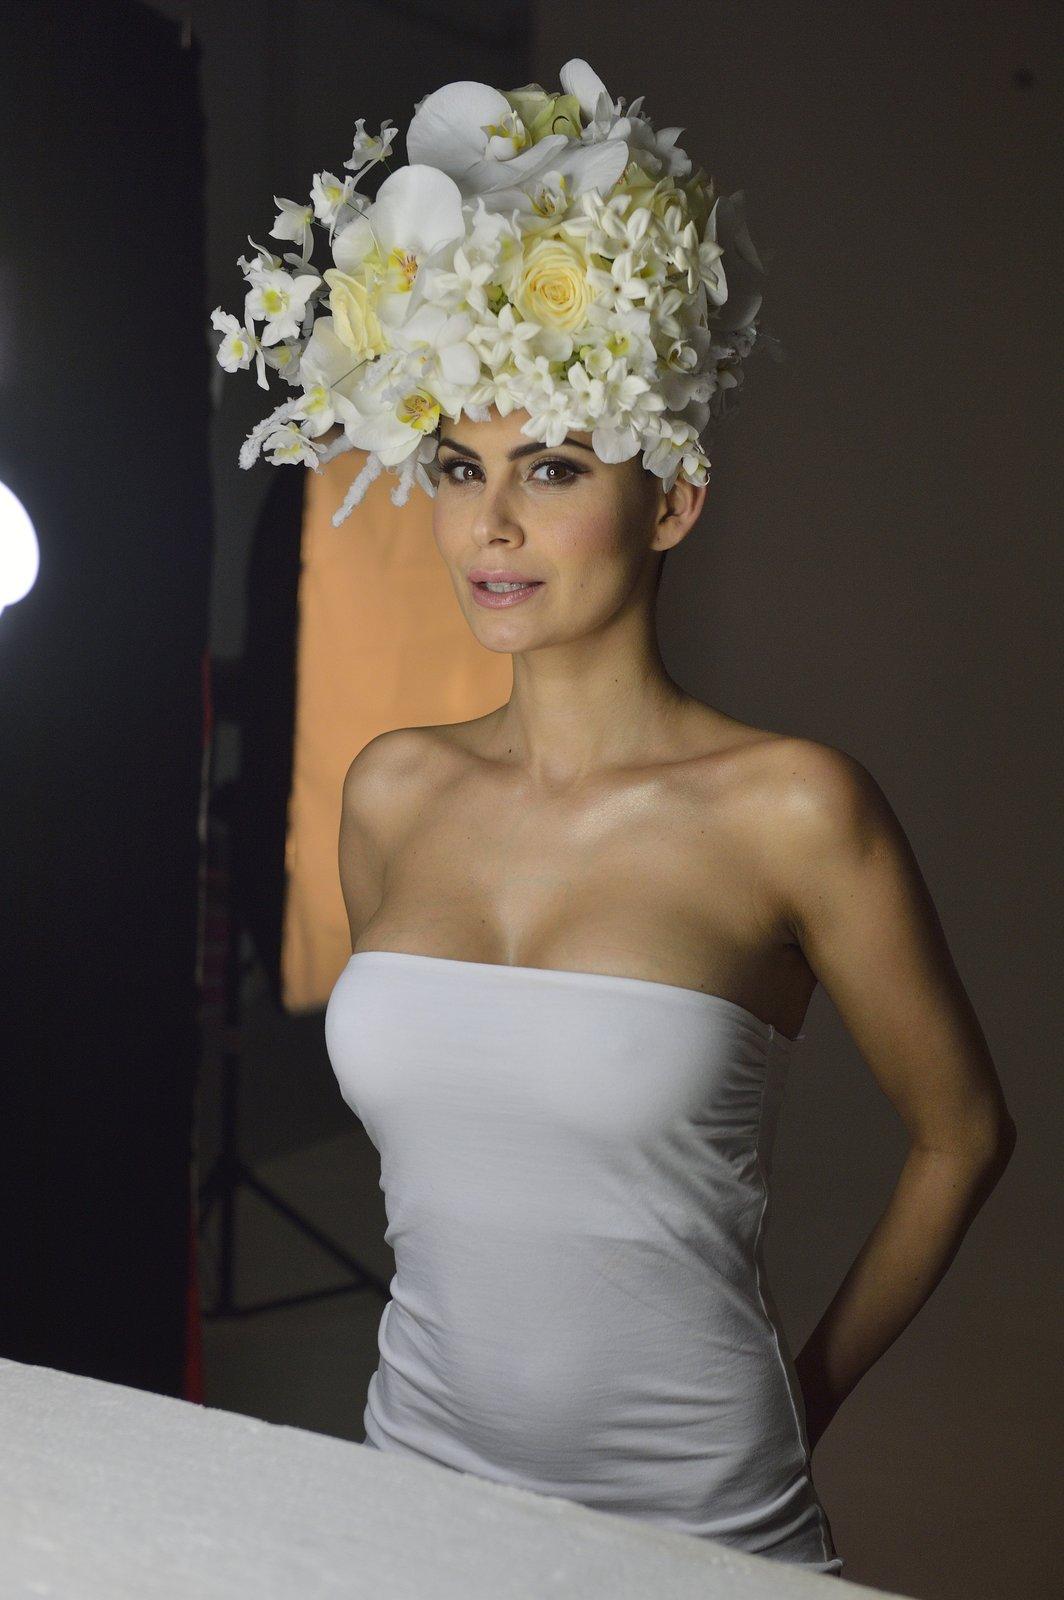 Vlaďka se poprvé od zákroku svlékla před fotografem. Na hlavě měla jen obří květinovou konstrukci.